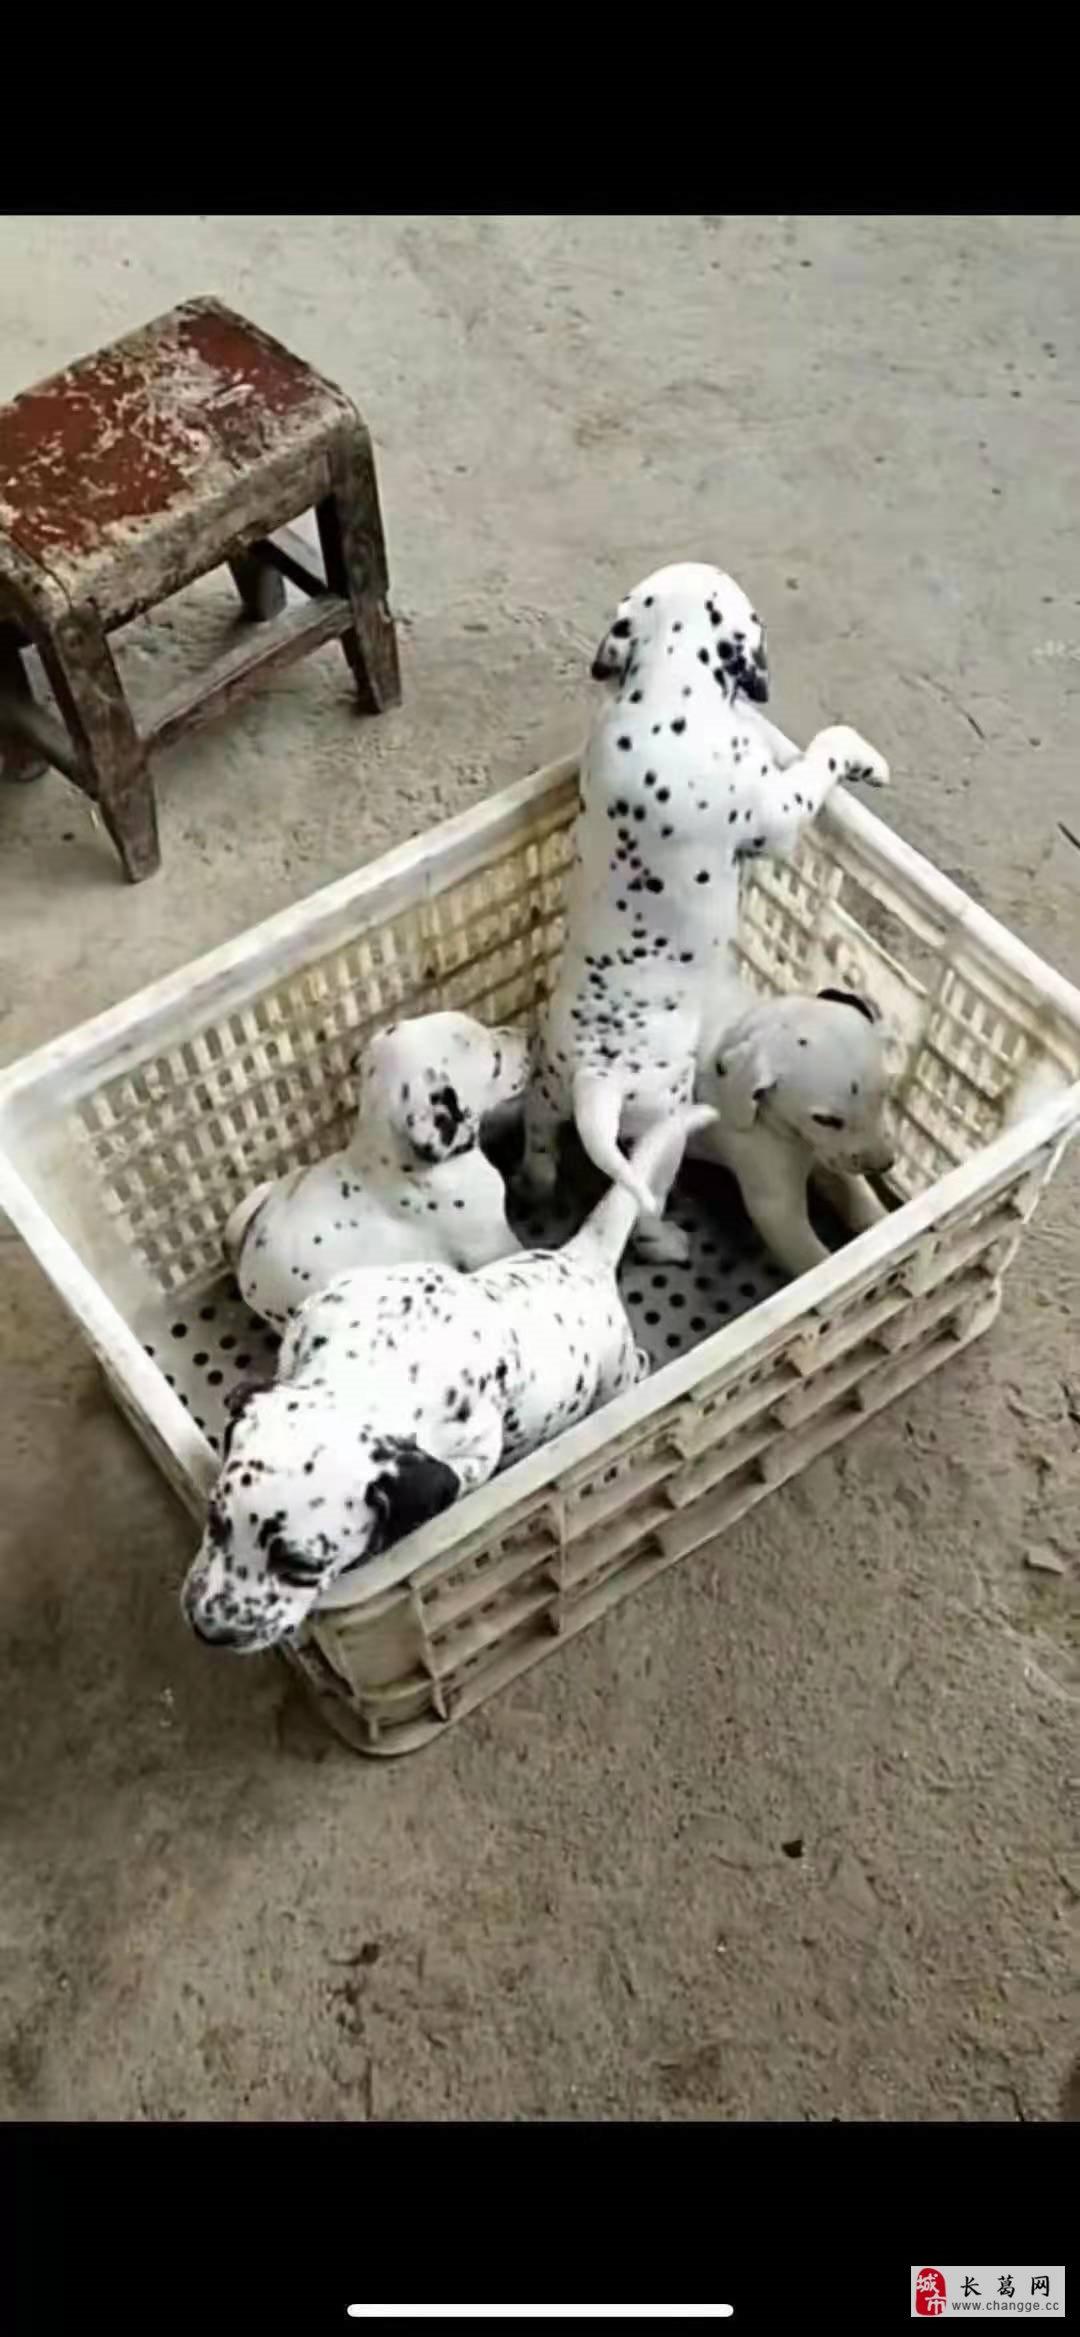 出售自家斑点狗